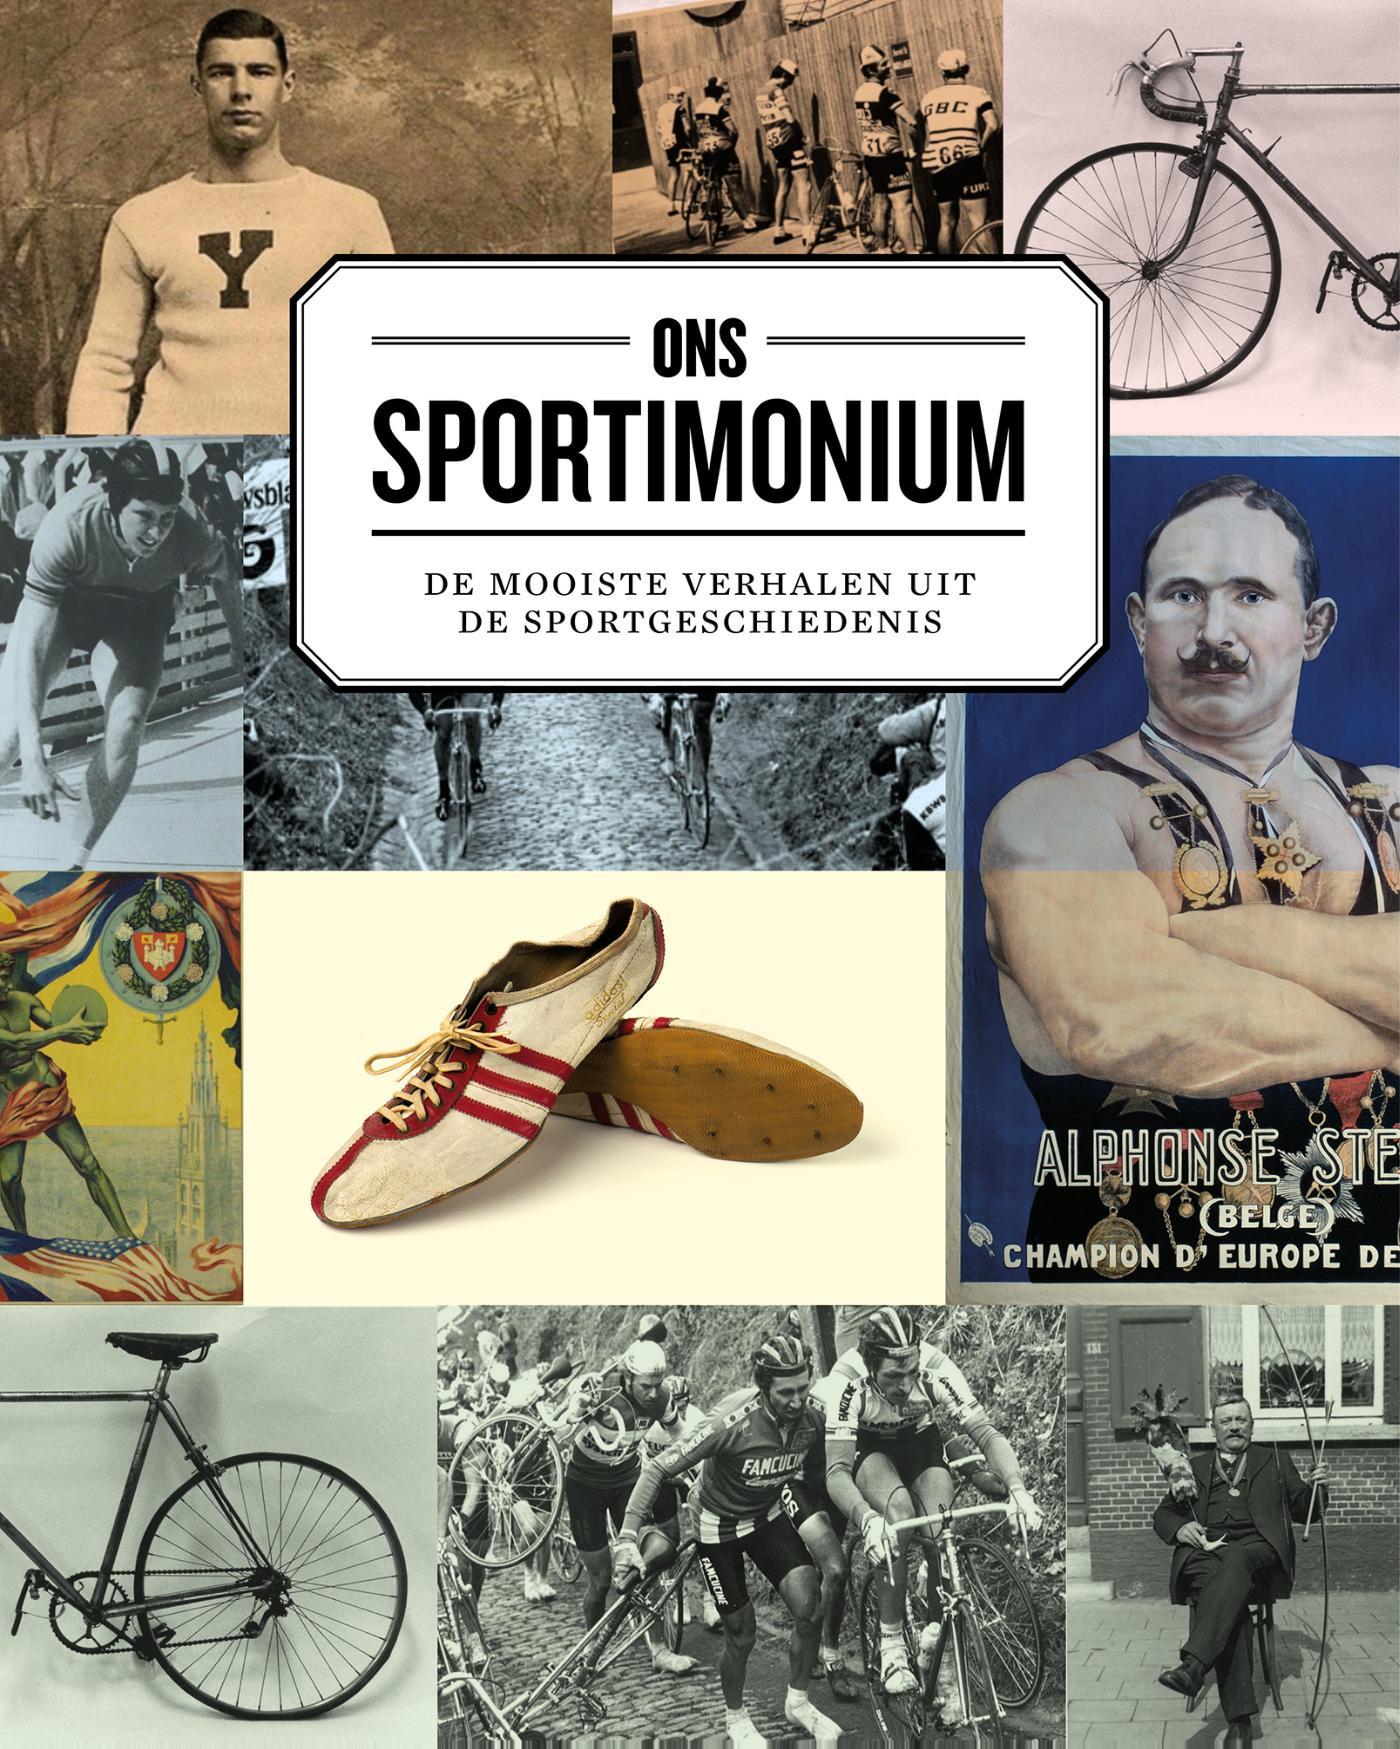 Sportimonium